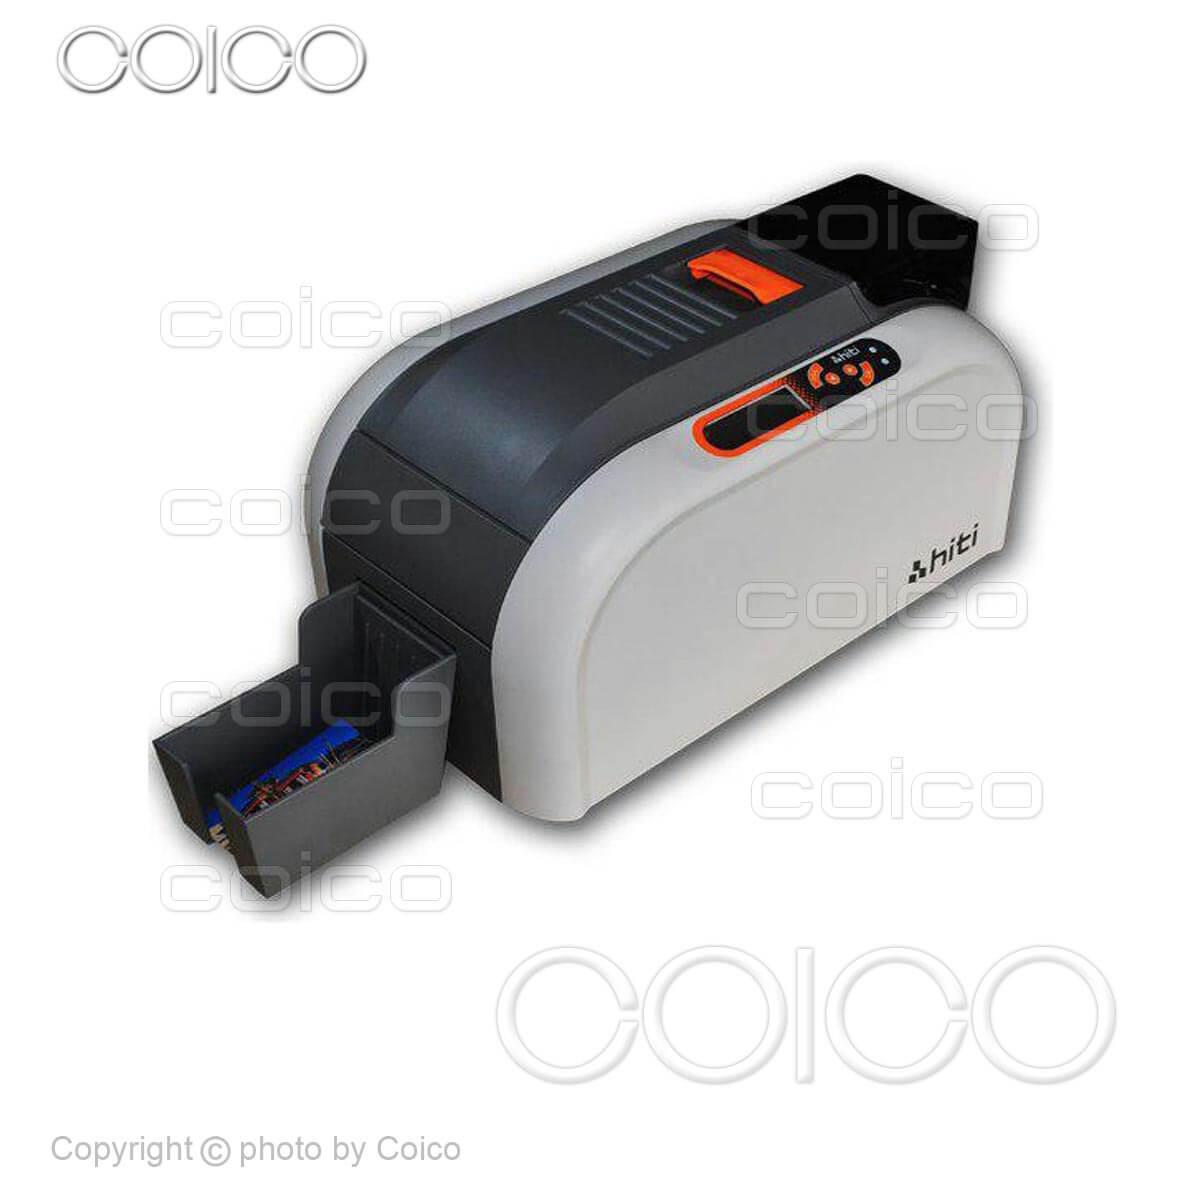 مشخصات چاپگر کارت pvc تکی